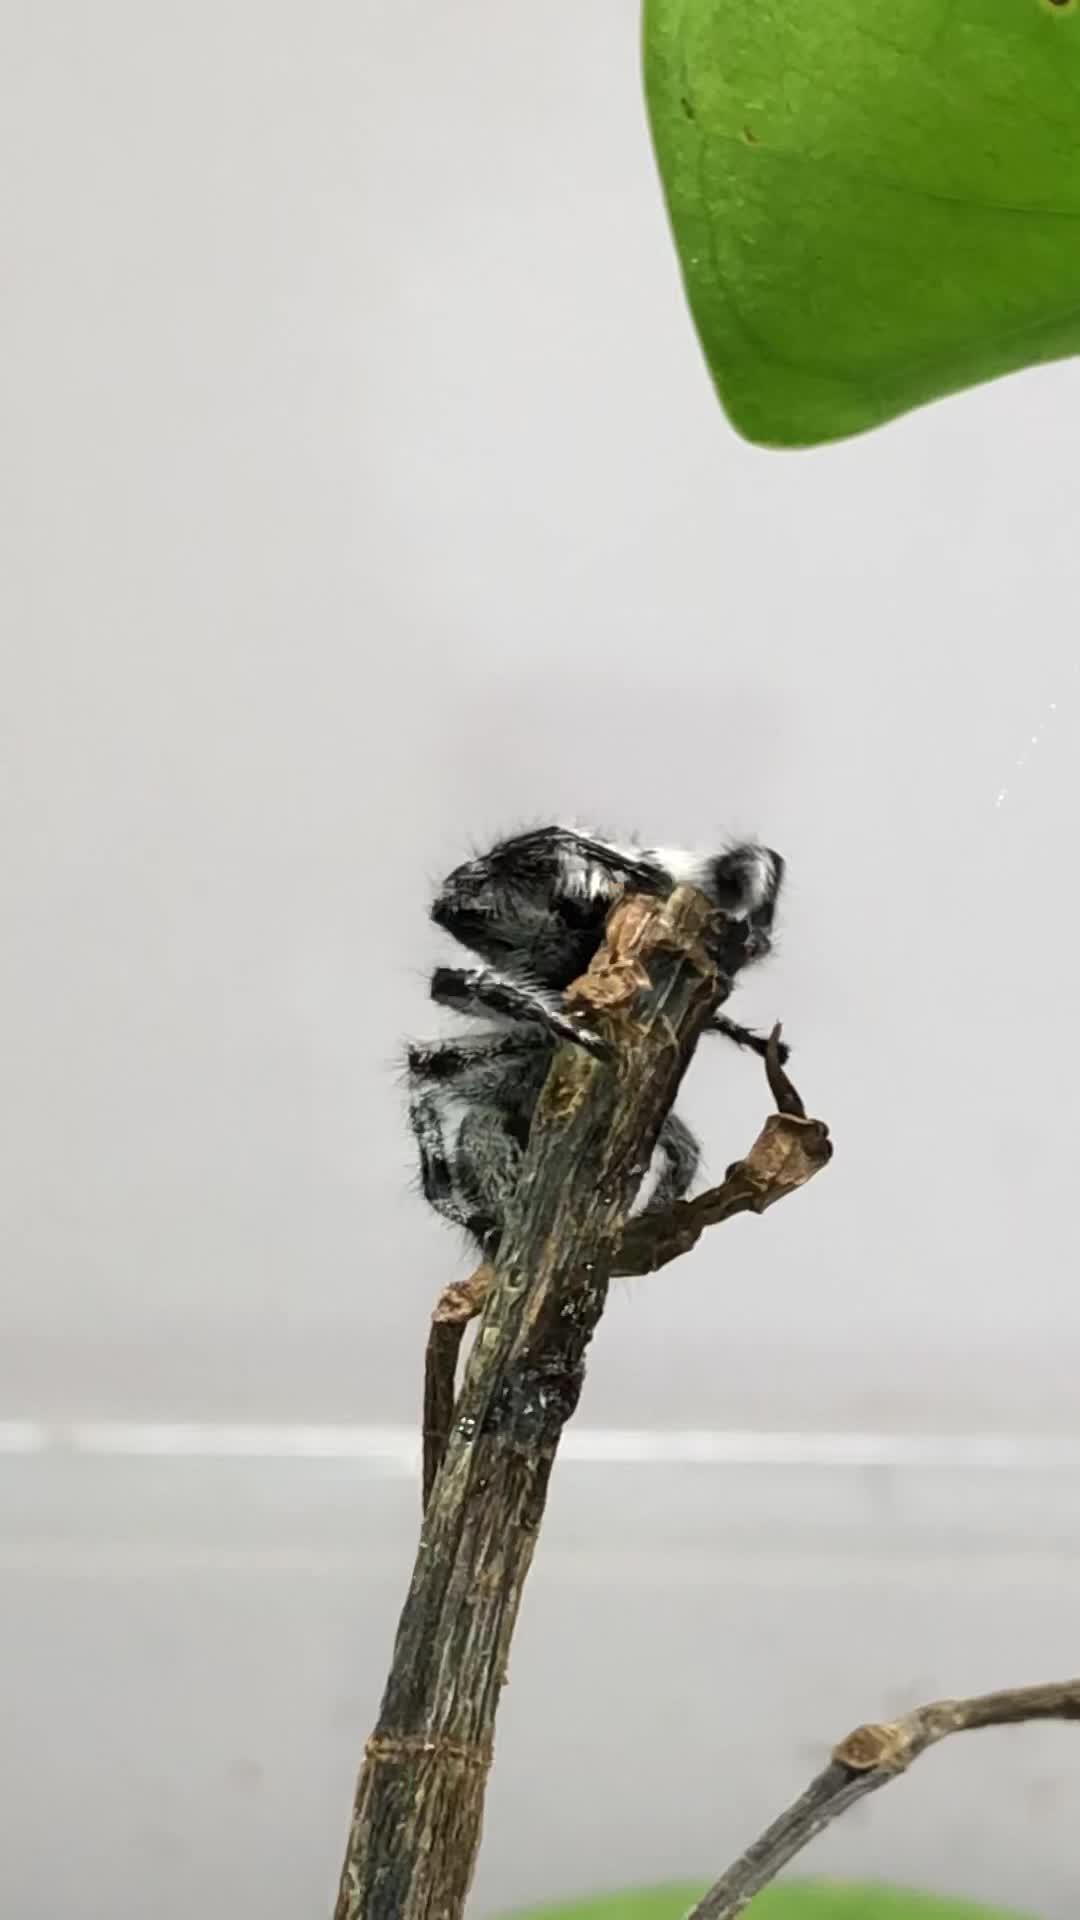 Adorable, InsecthausTV, Jumping spider, Pets & Animals, Phidippus regius, Phidippus regius Female, Regal Jumping Spider, aww, cute, spider, spiderbro, A Regal Jumping Spider GIFs